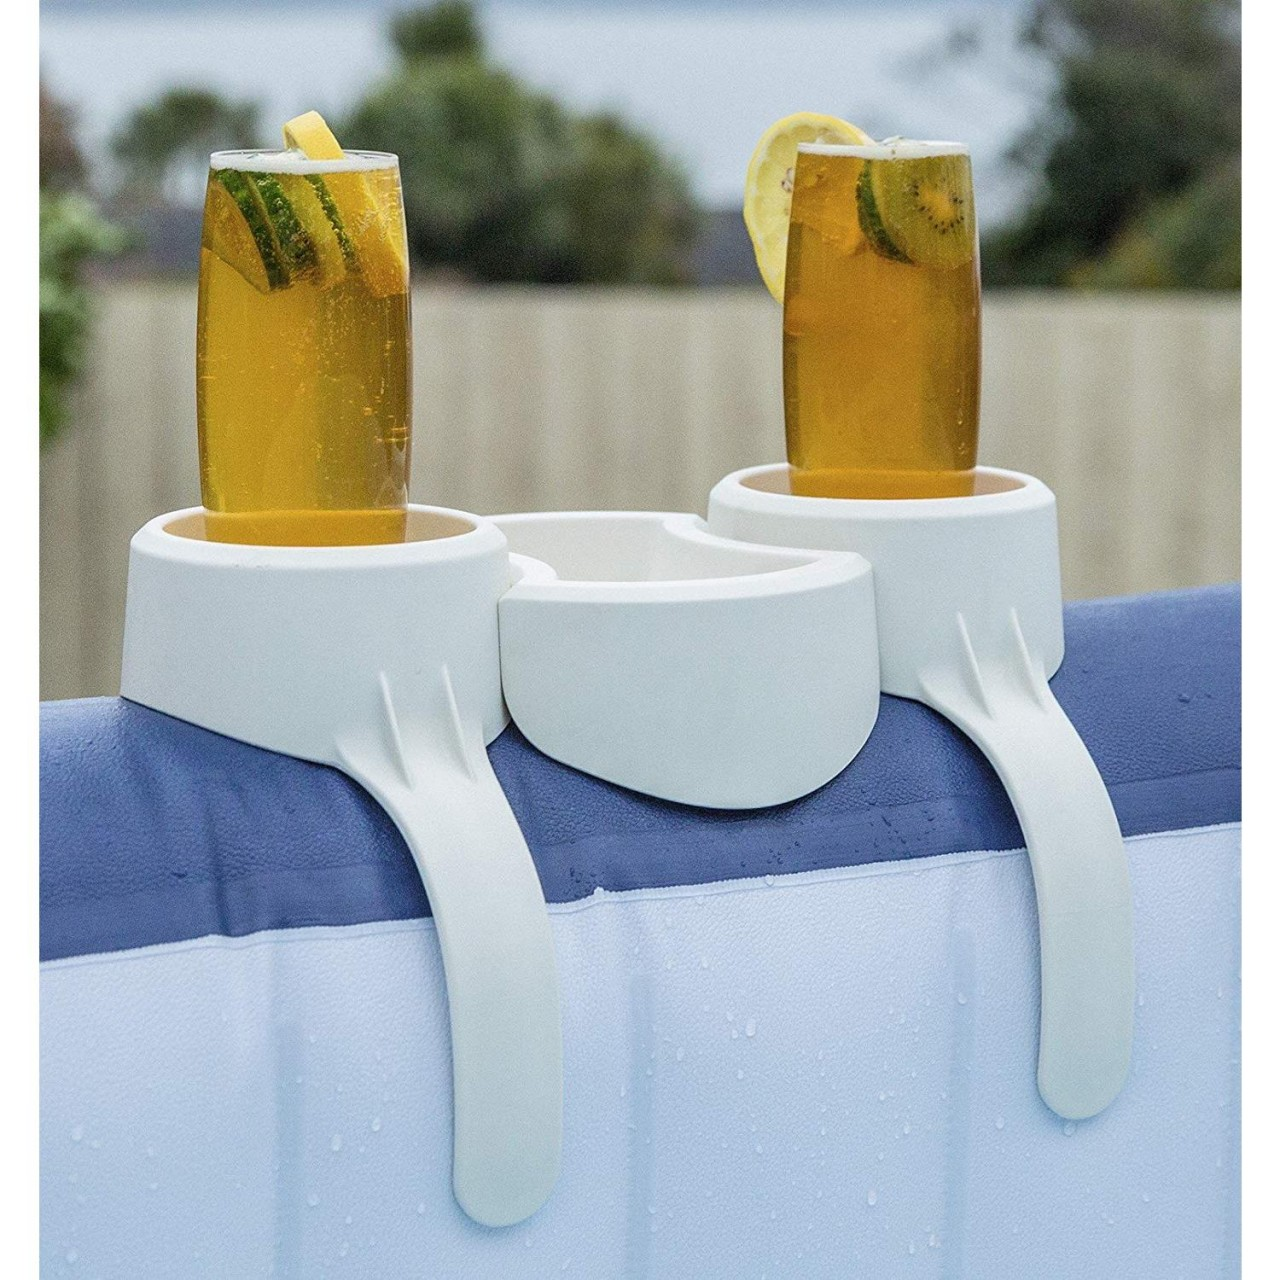 Bestway Lay-Z-Spa Getränkehalter 2 Getränke Snackablage Behälter Ablage 58416